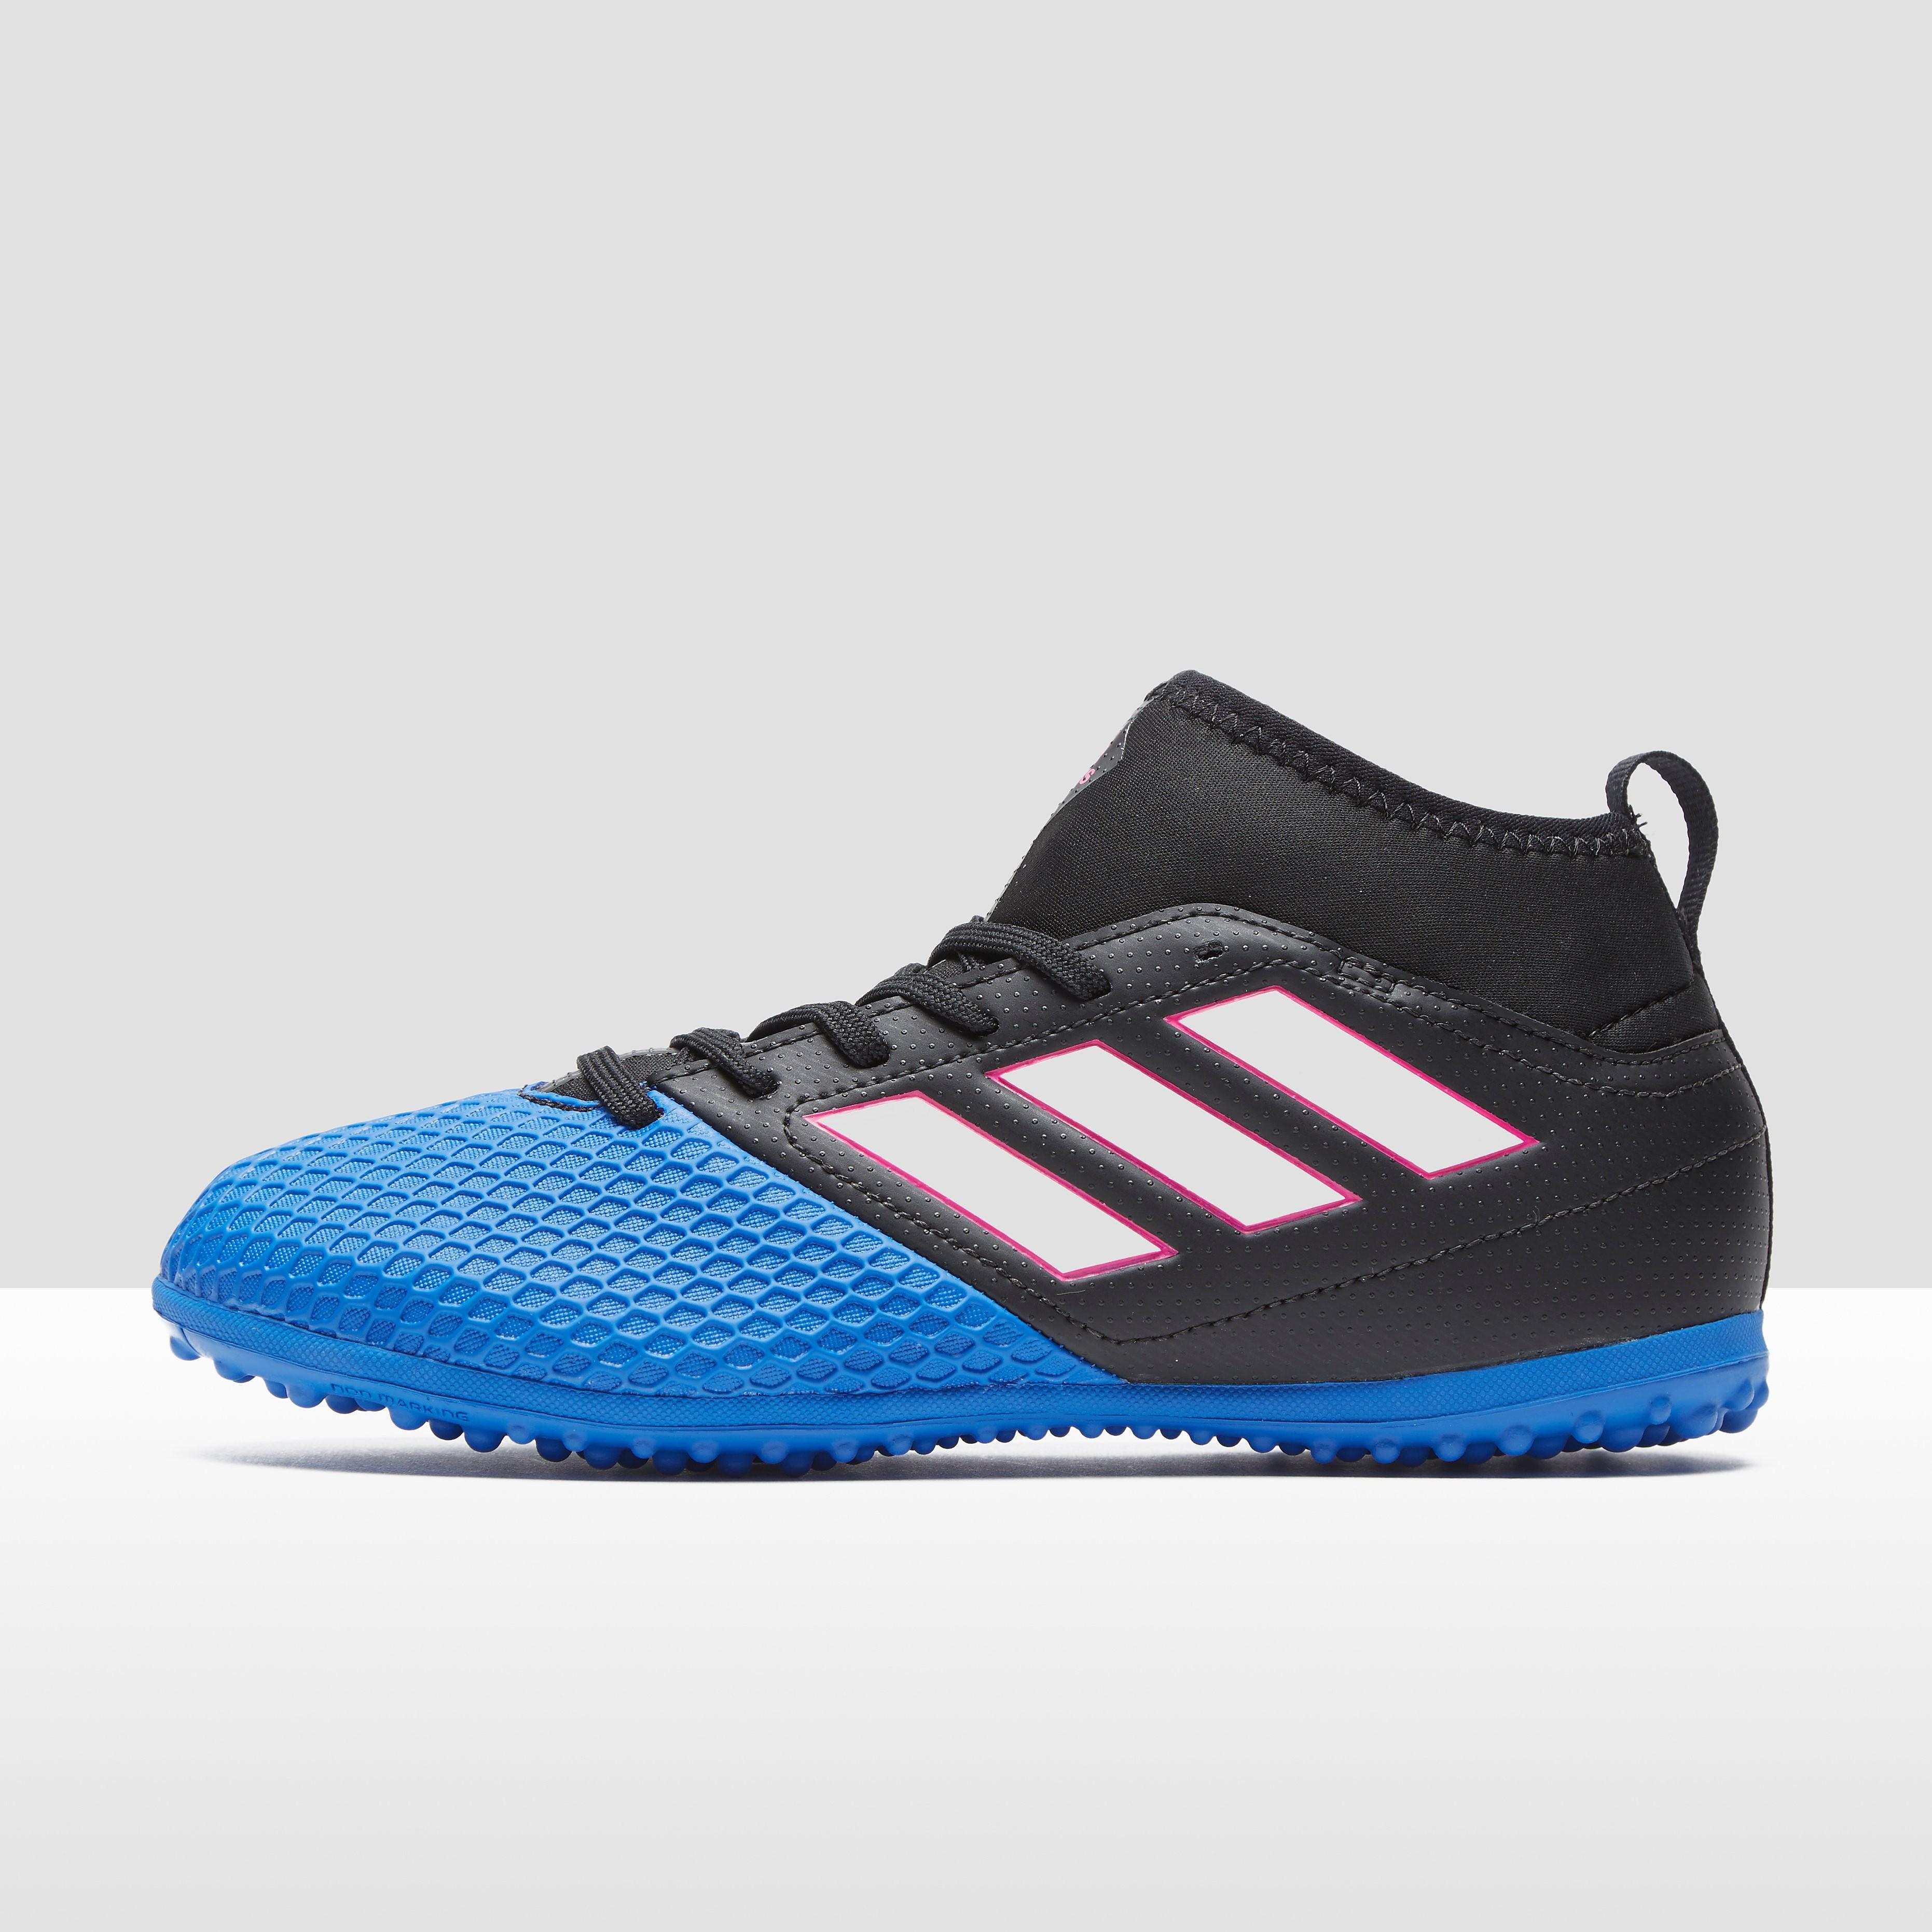 adidas Blue Blast Ace 17.3 Primemesh Turf Junior Football Boots